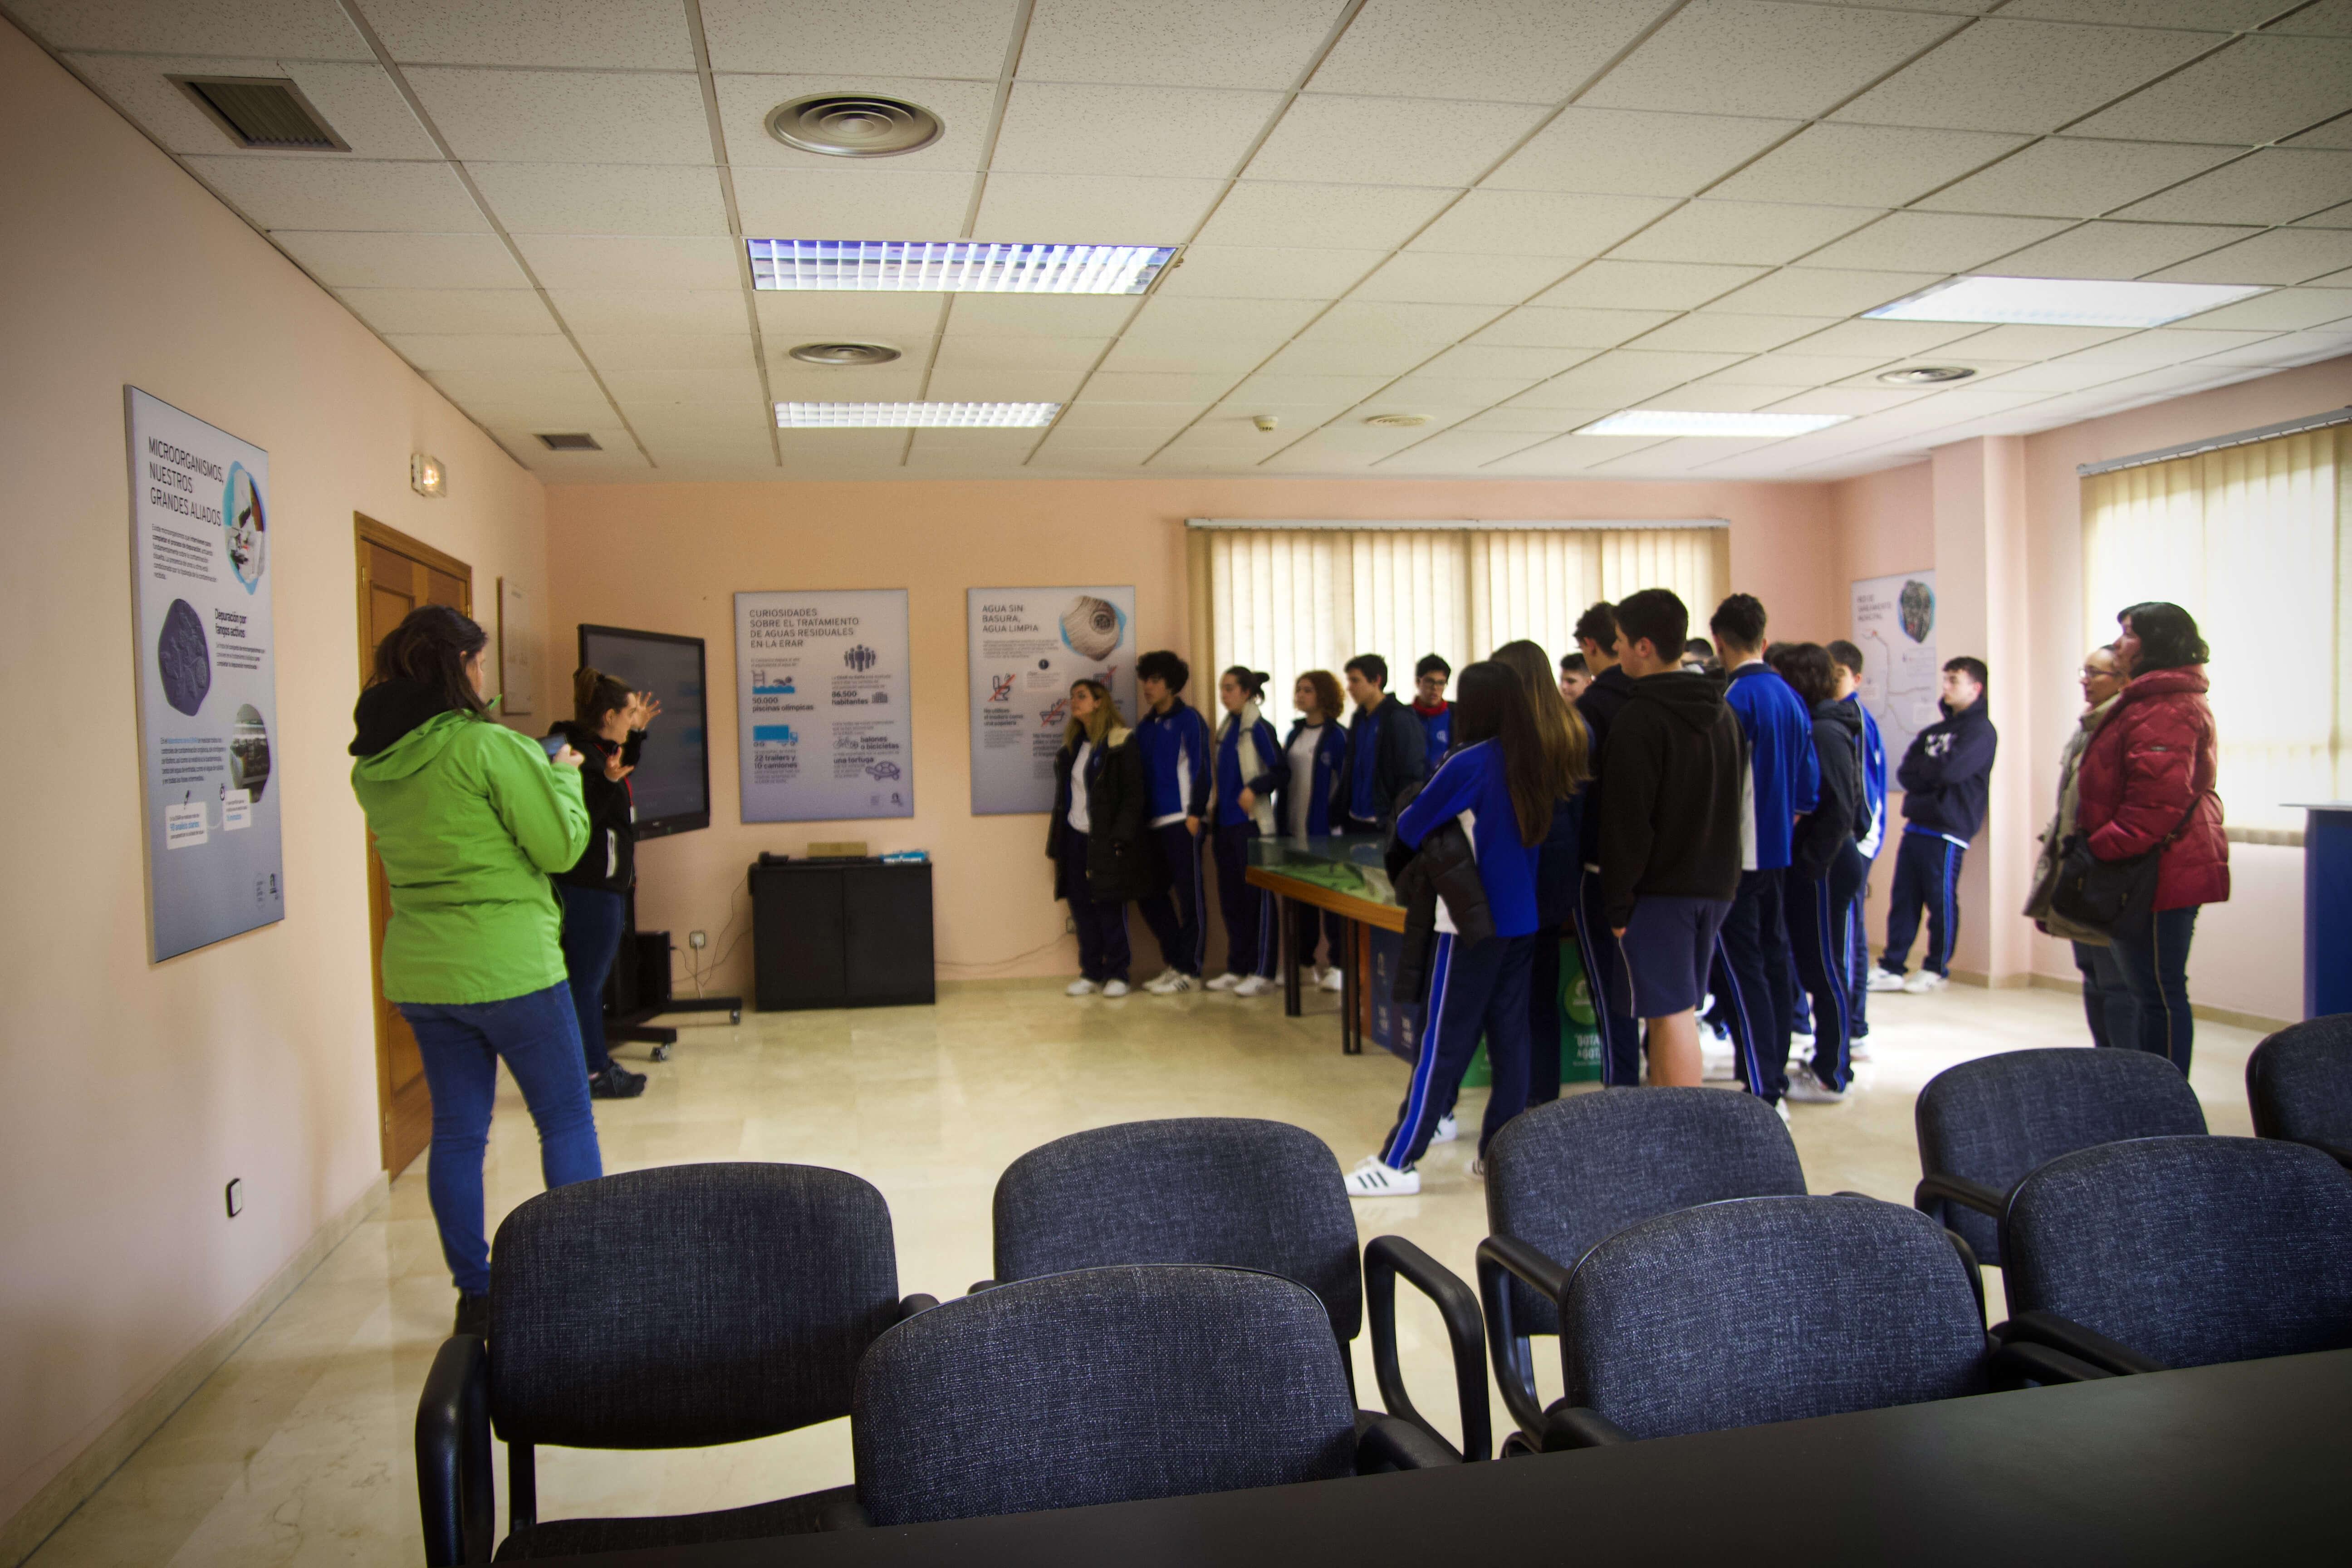 Visita Escolar Instalaciones Rioseco Y Baiña 03032020 55